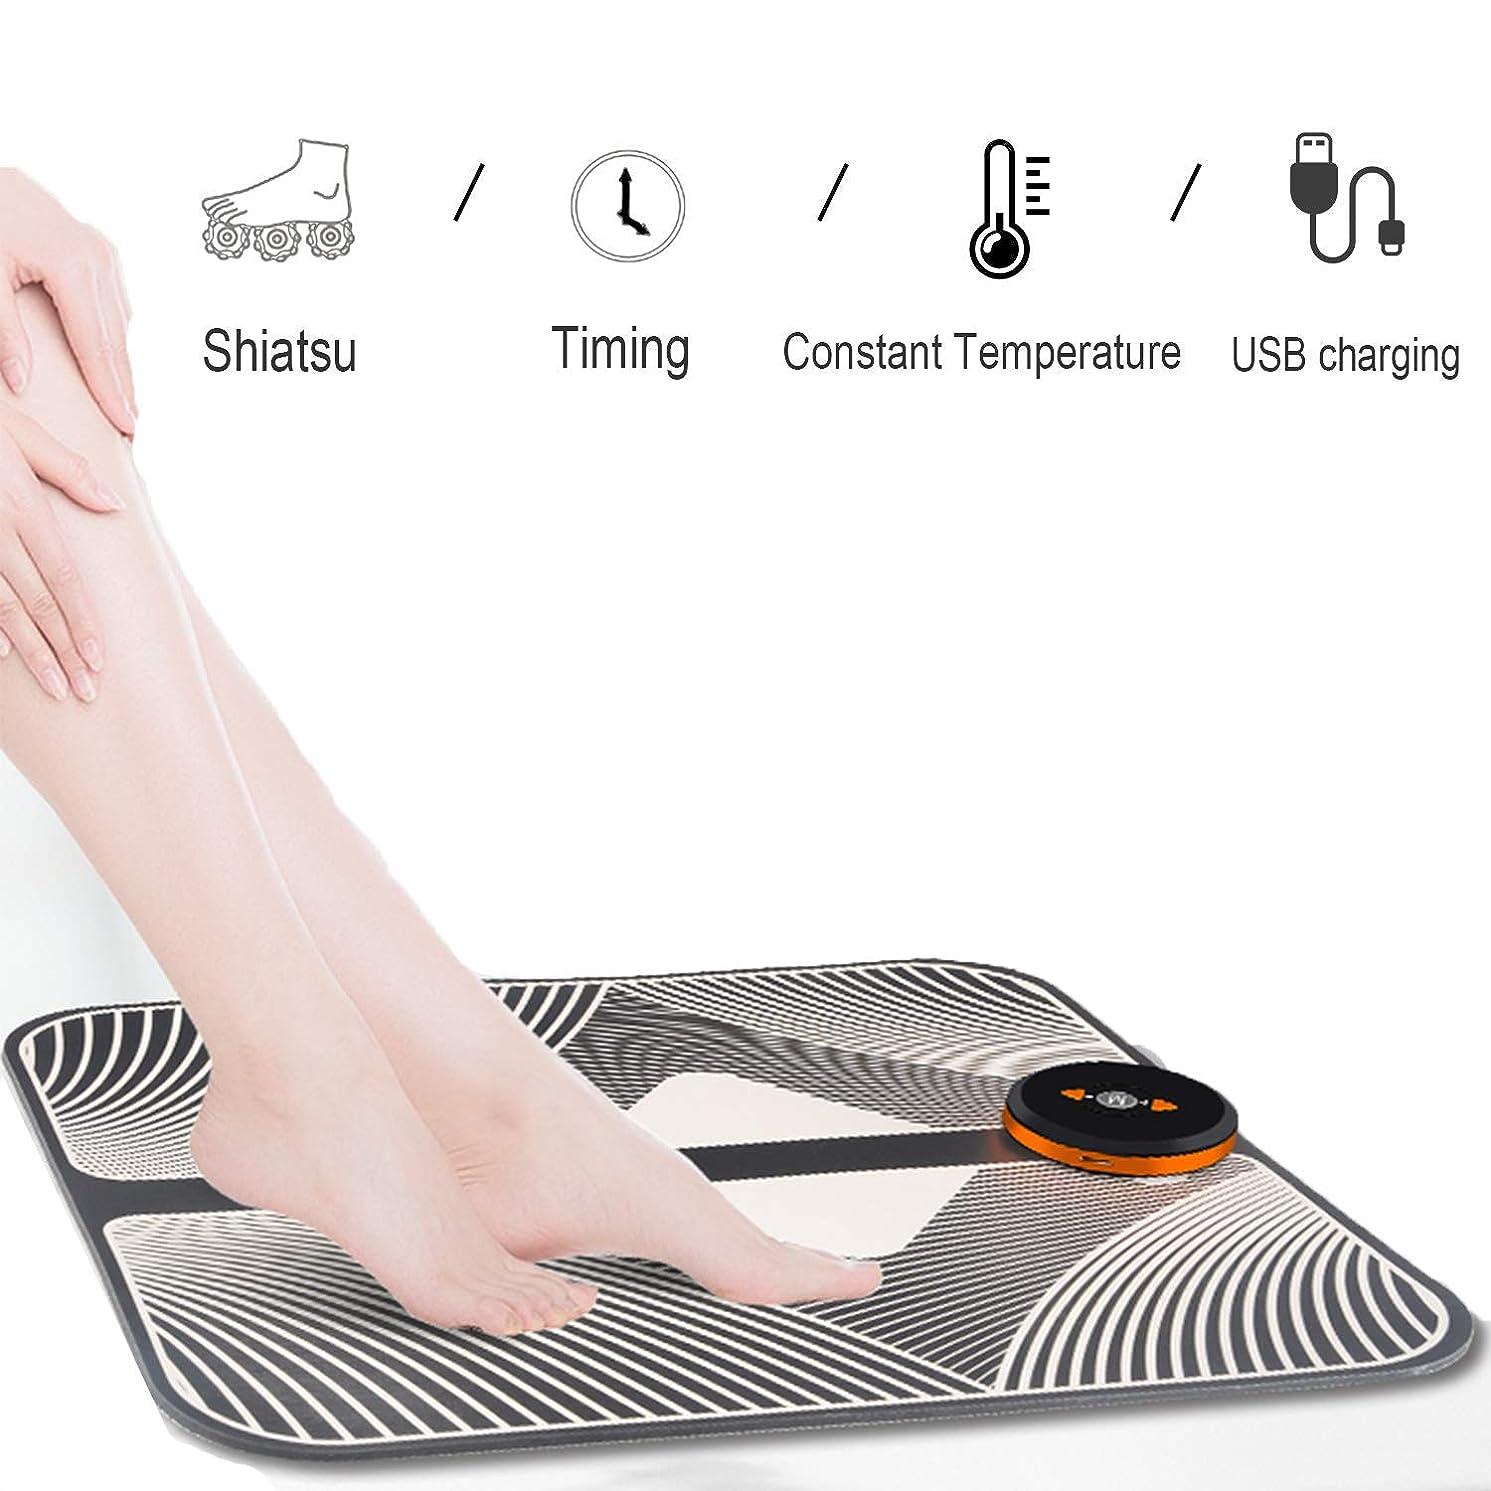 オートマトンバスタブ毒液フットマッサージマットUSB充電式、1?9の強度レベル6モード調整可能、血液循環を促進し、圧力筋肉の足の痛みを和らげます